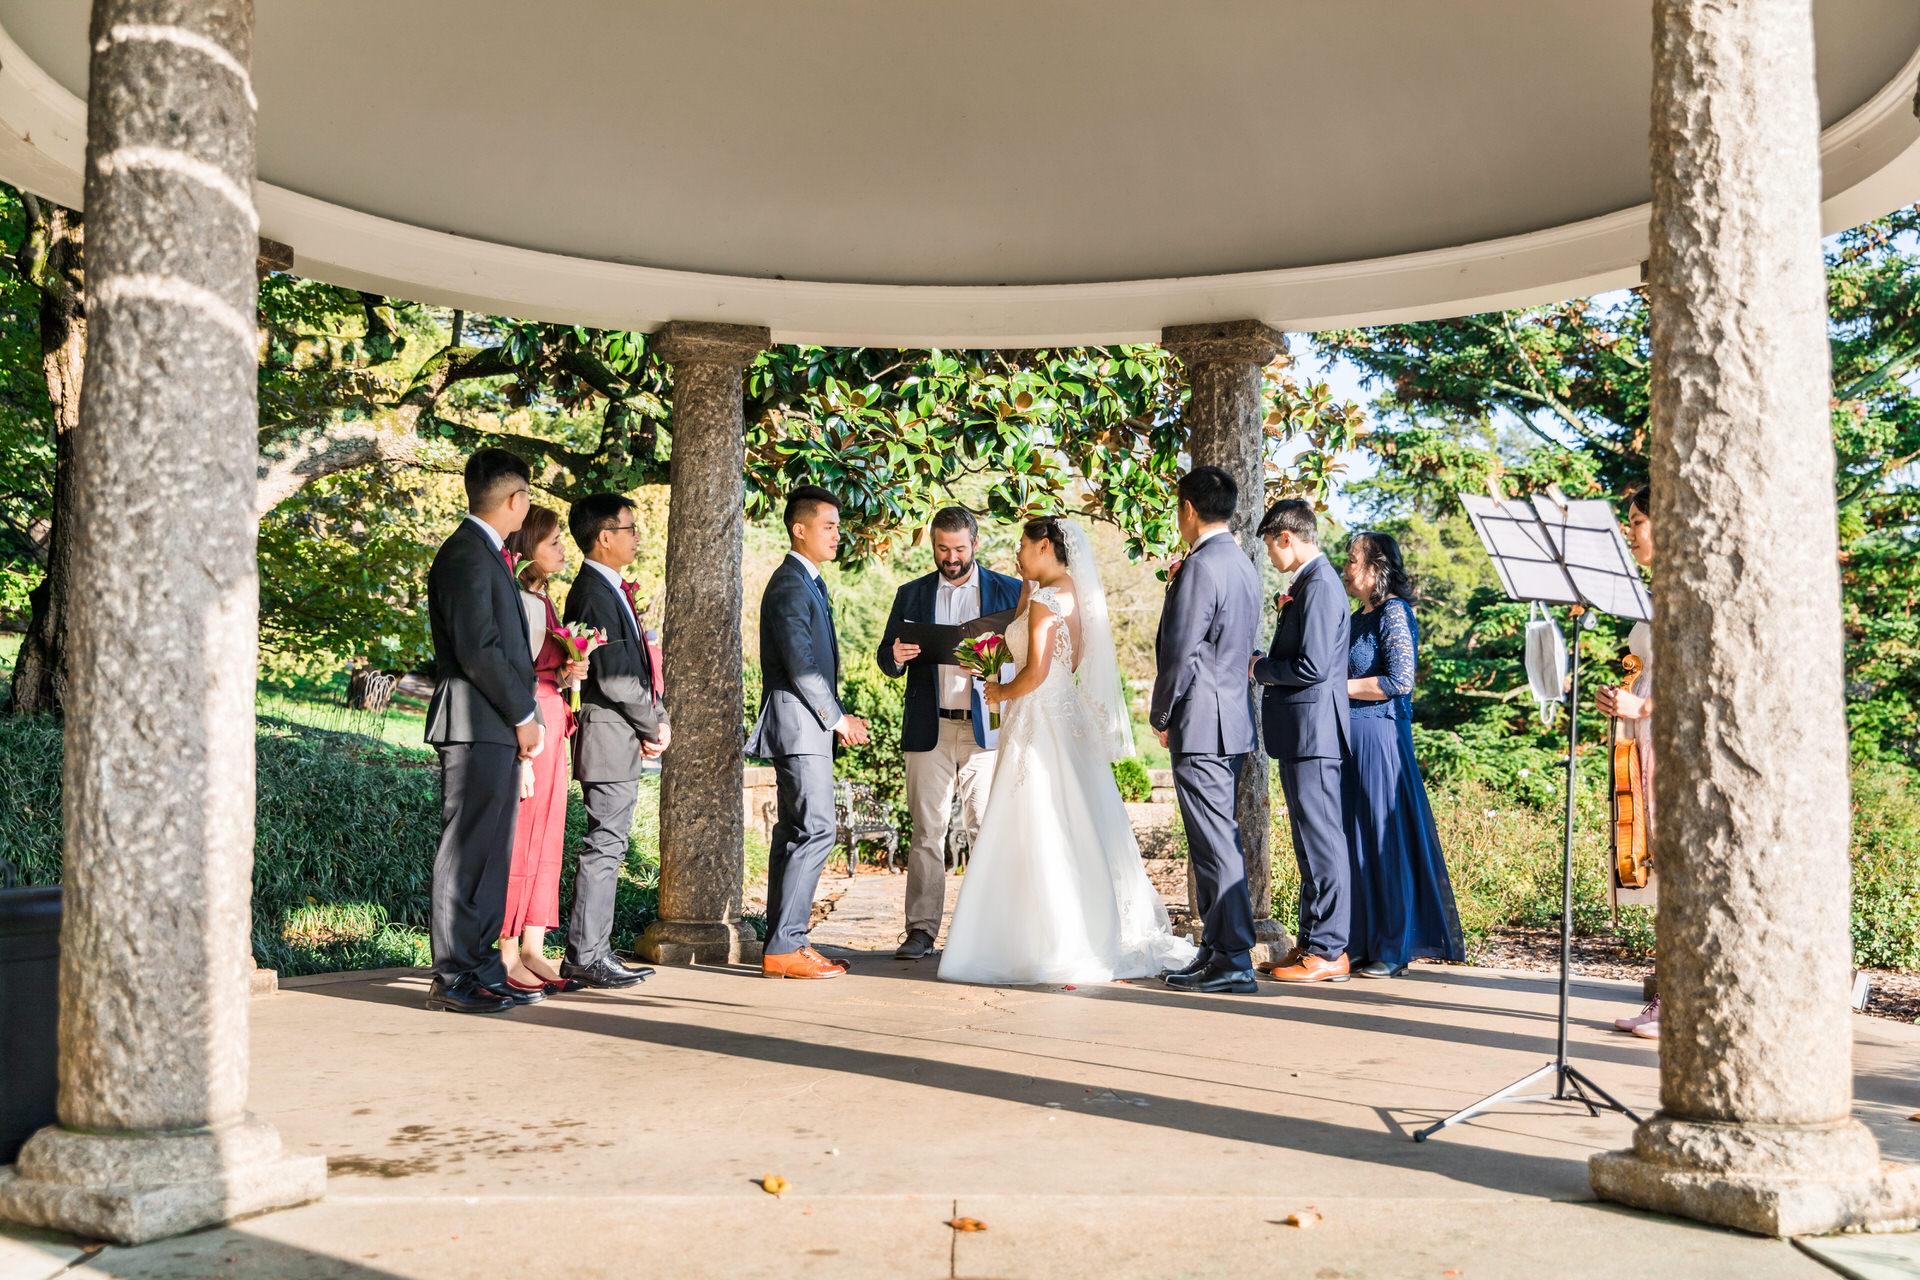 Photographie de Richmond d'un mariage à Maymont Park | Le couple et la famille se réunissent sous la pergola